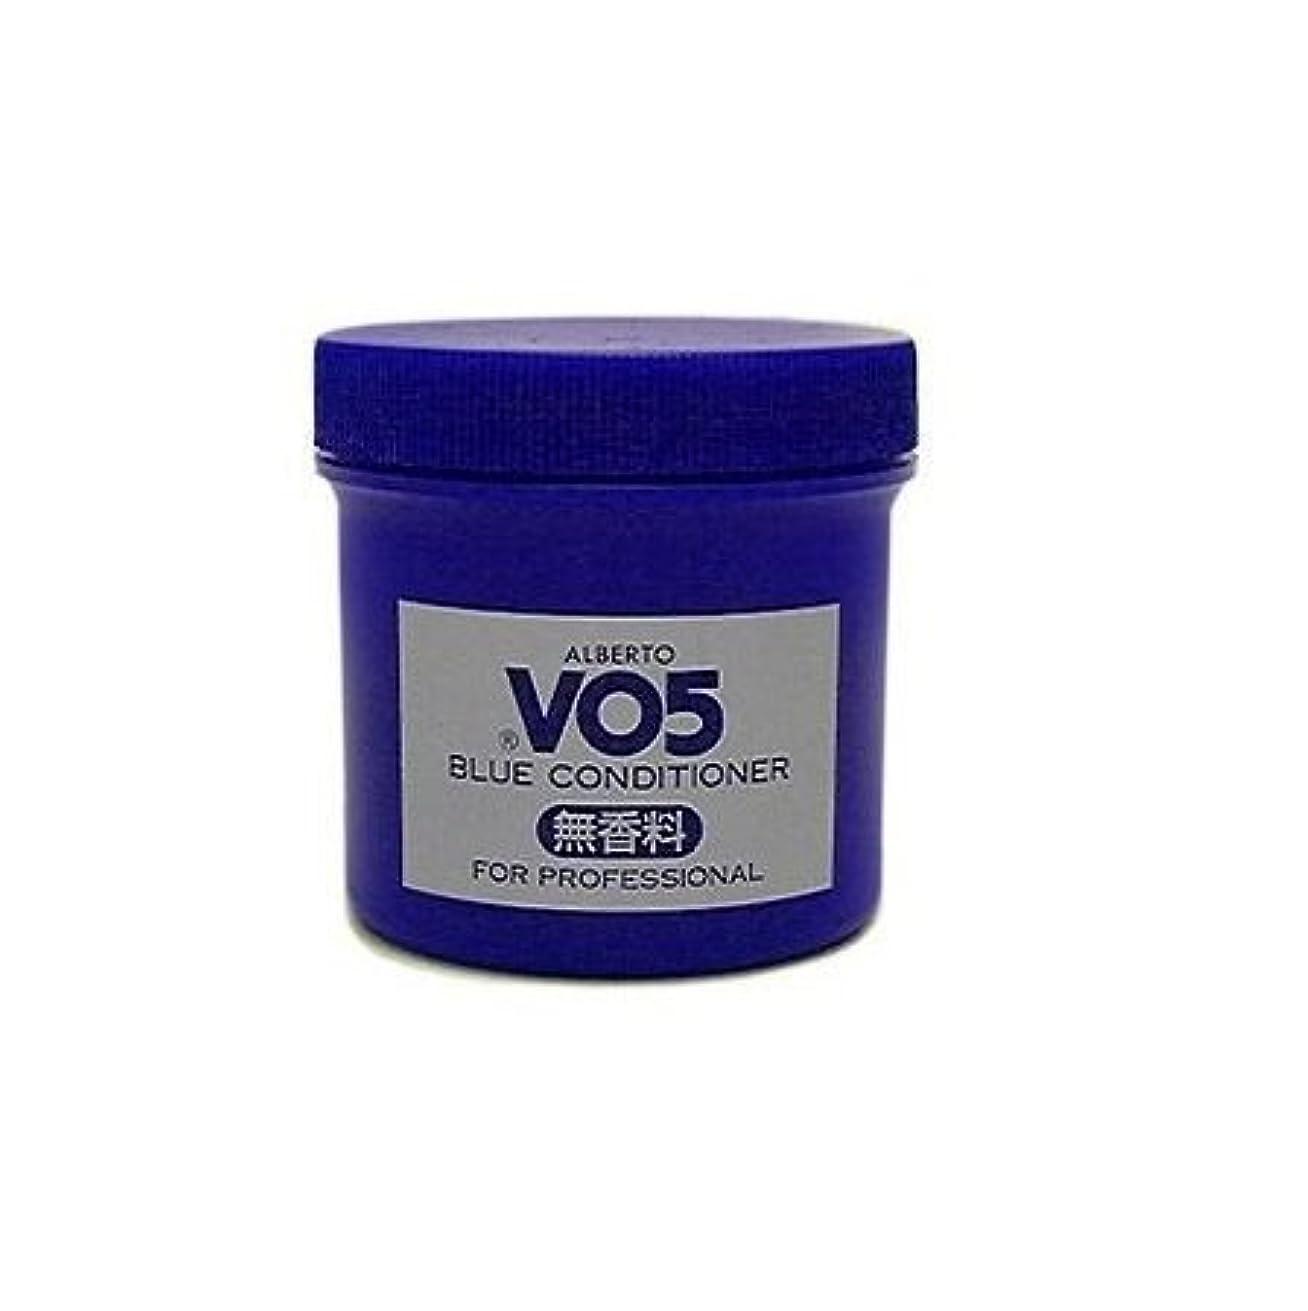 フォーマット付けるインチアルバートVO5コンソート ブルーコンディショナー 無香料<整髪料>250g